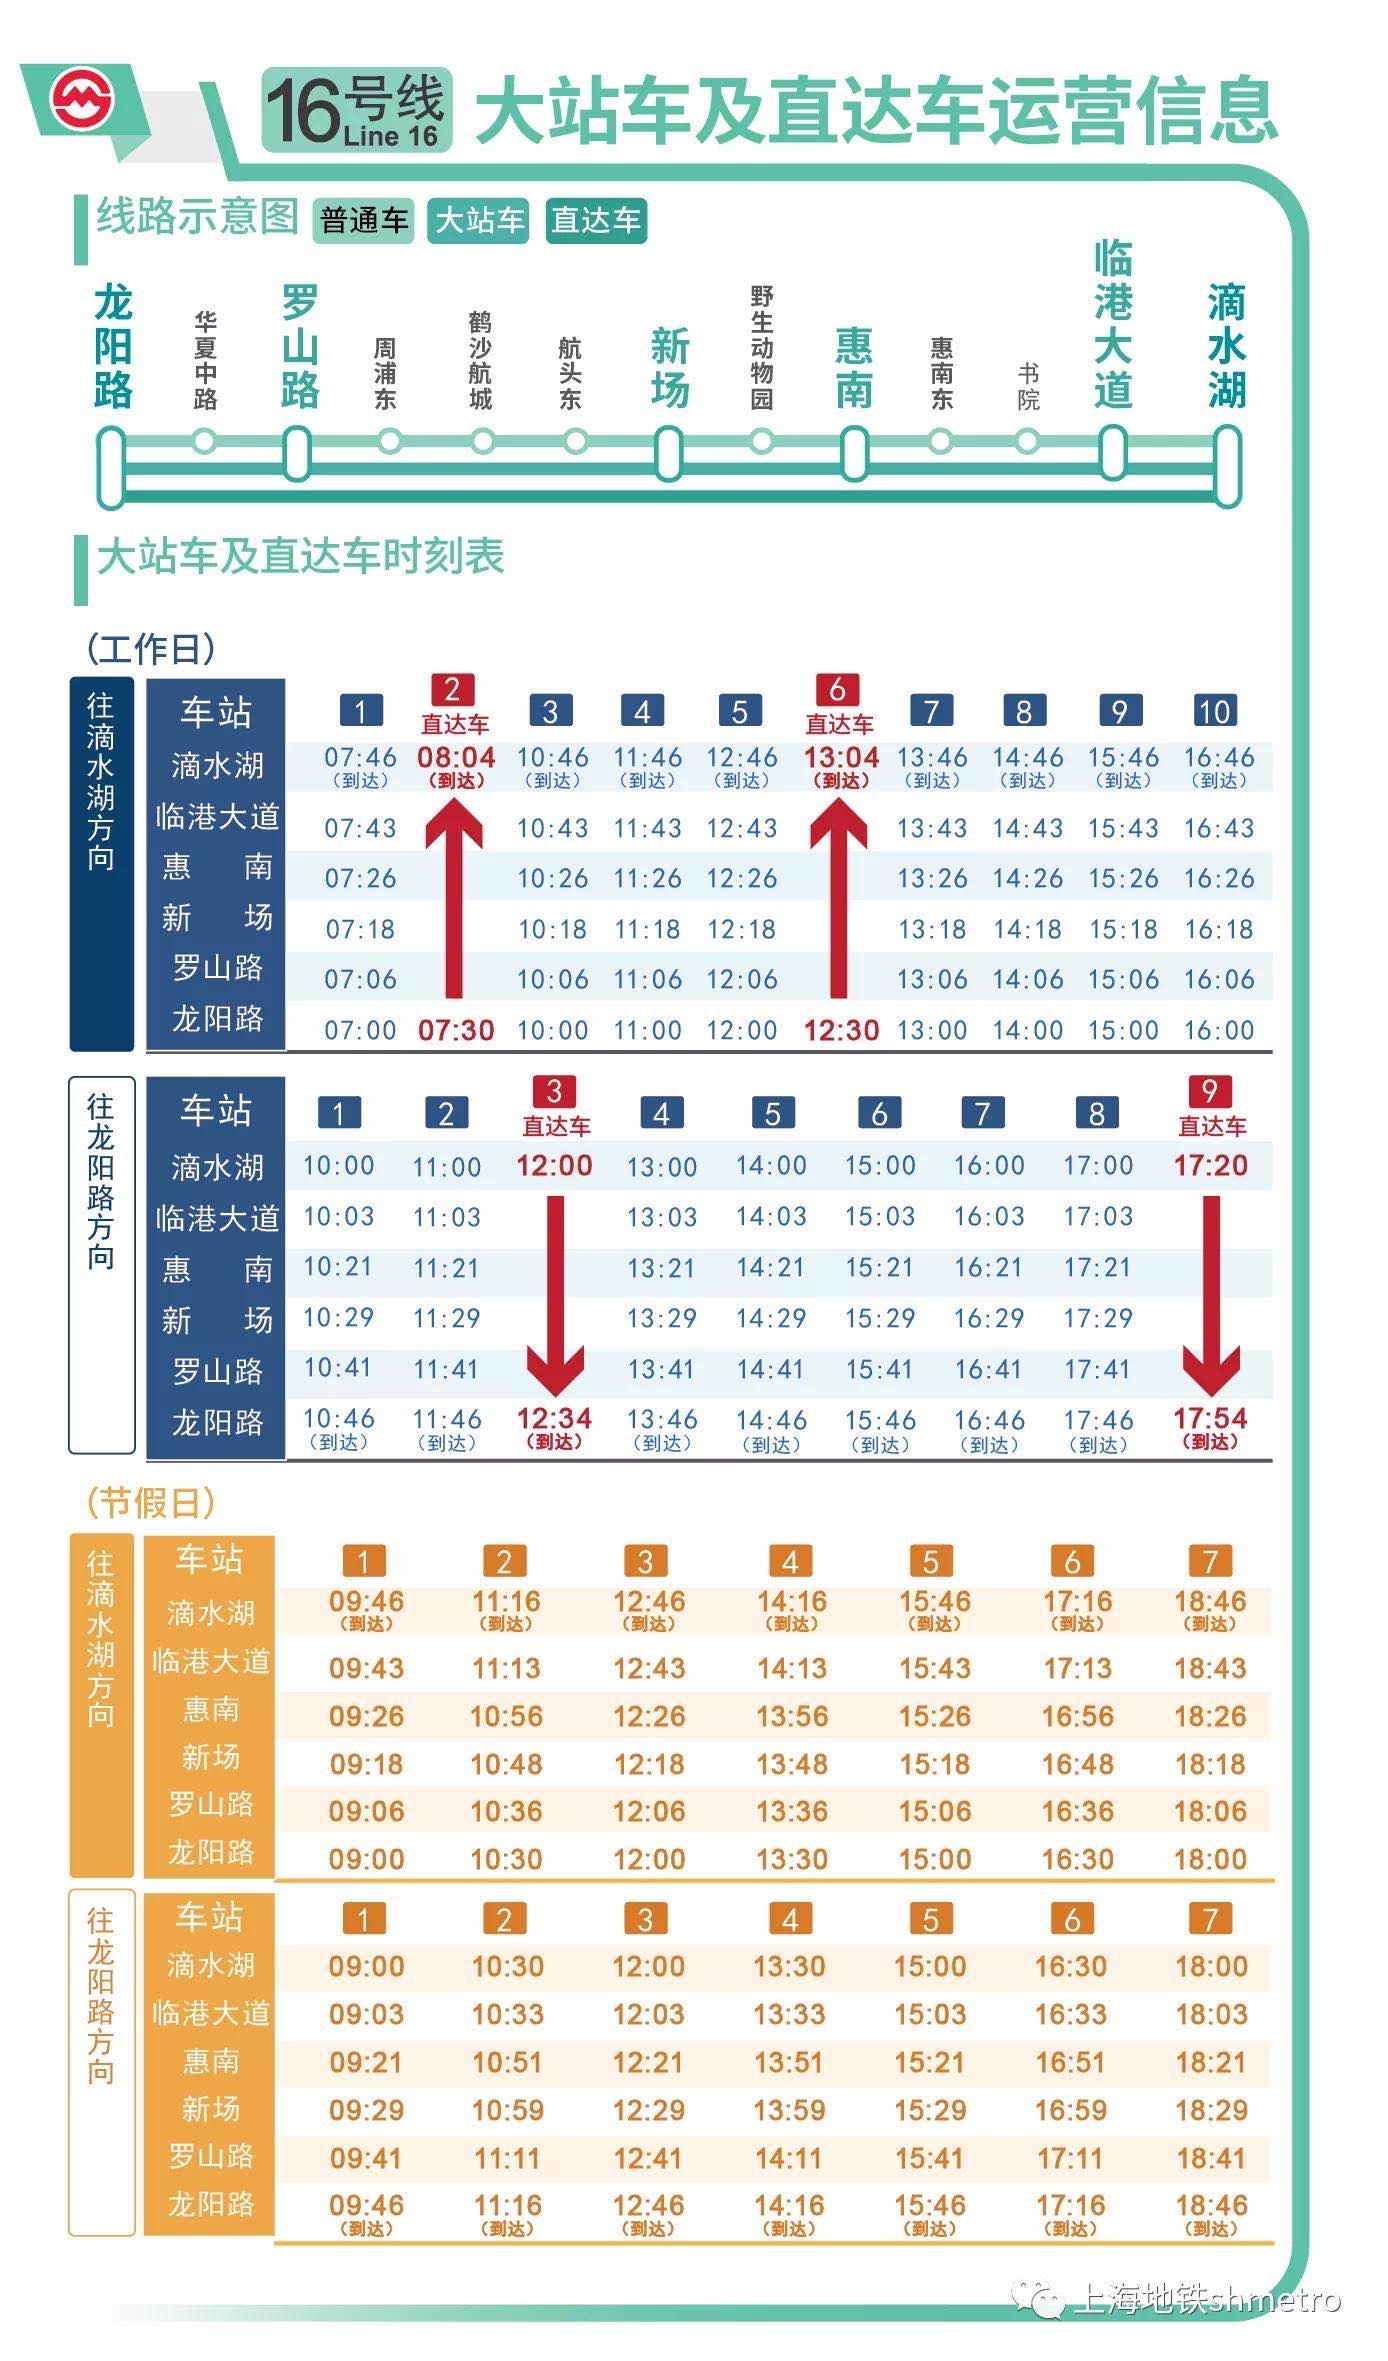 上海地铁16号线回应改卧铺呼吁:建议乘坐大站车或直达车